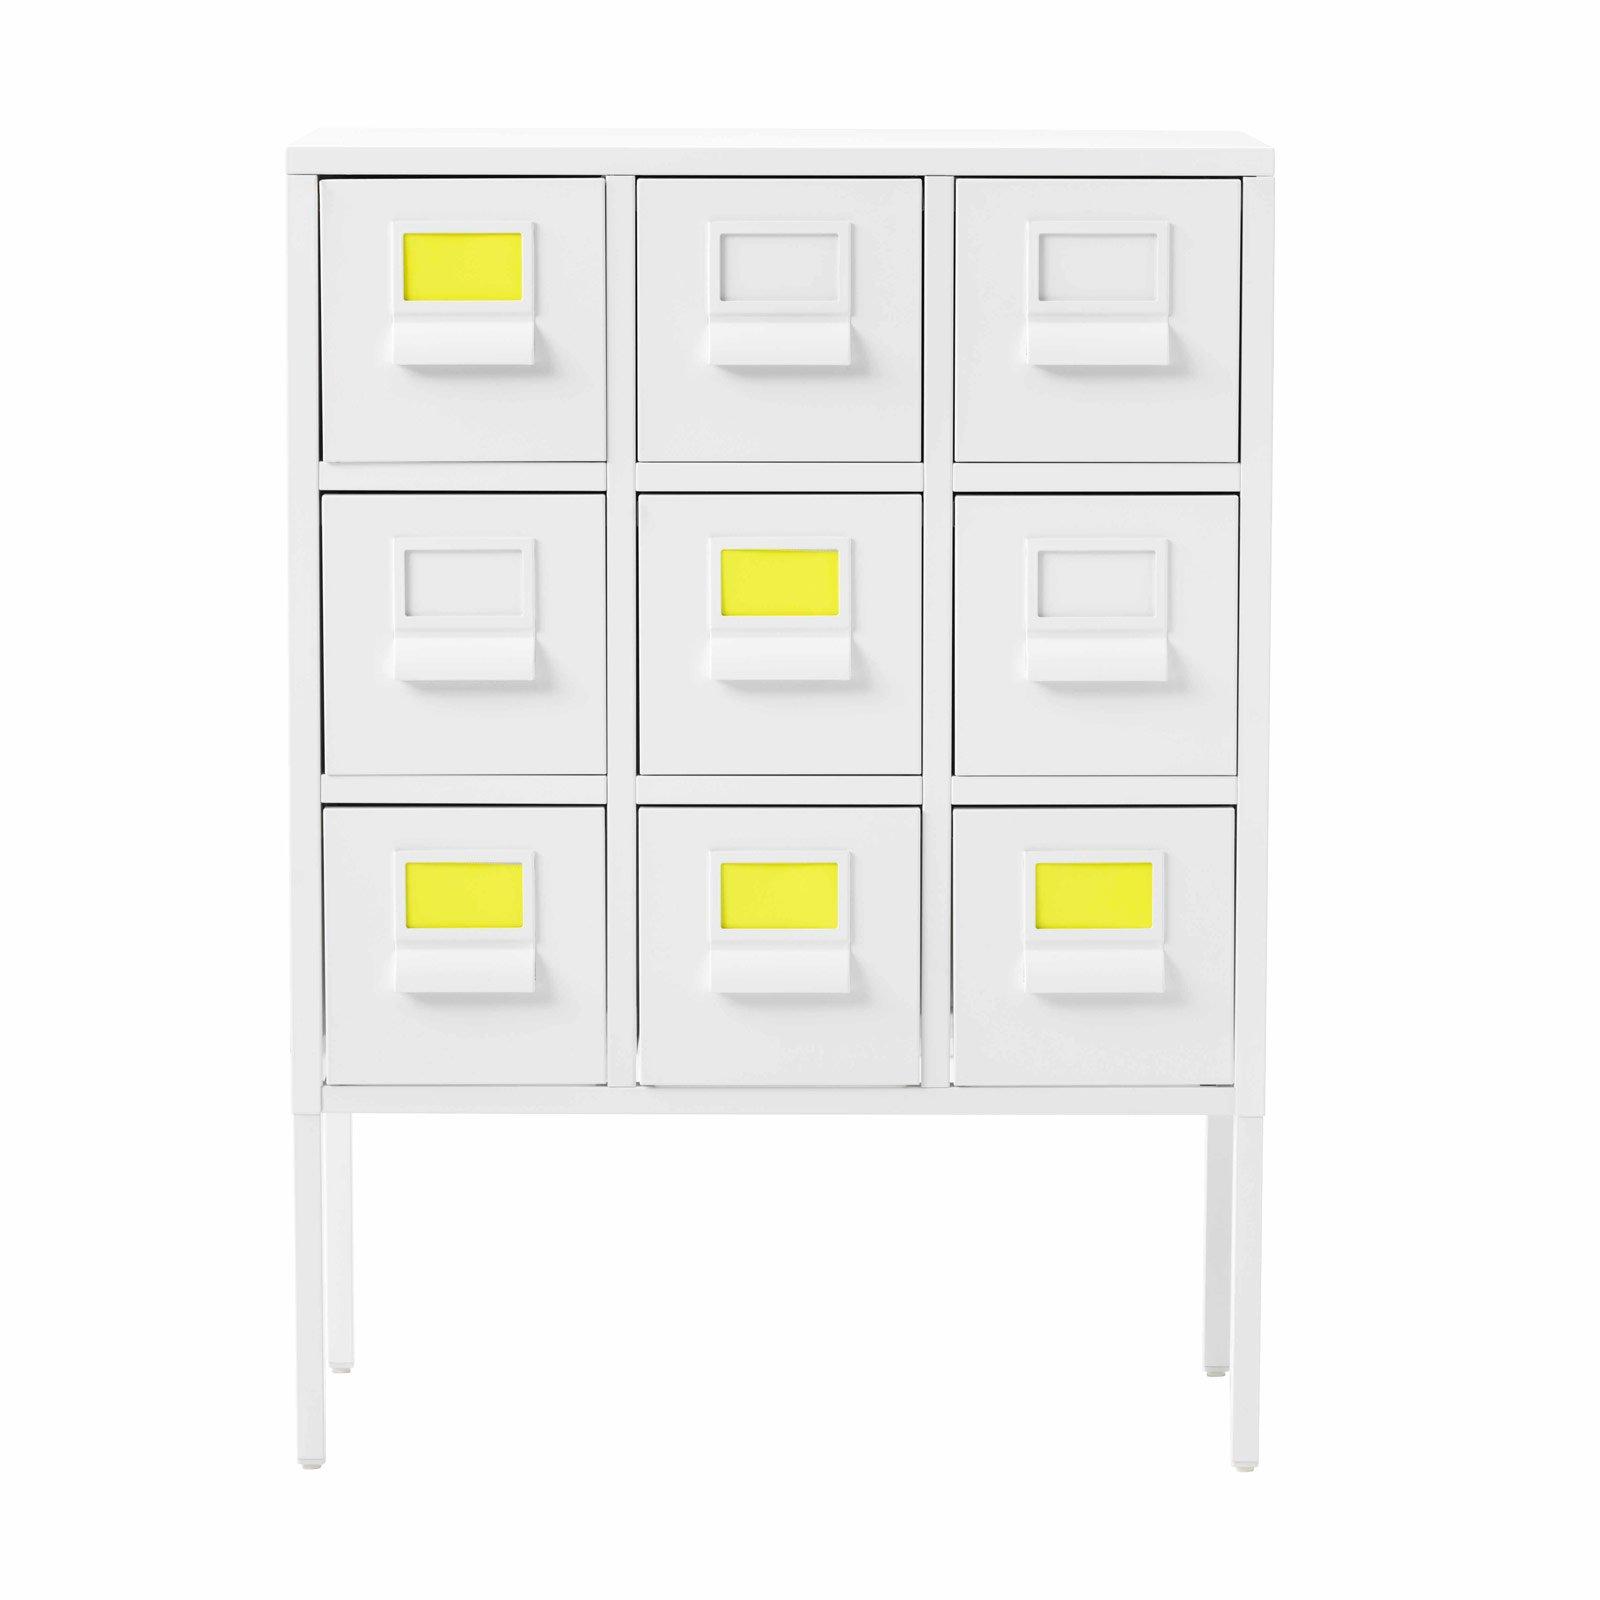 Altezza Cucina Ikea utilizza i ripiani estraibili nella dispensa per non